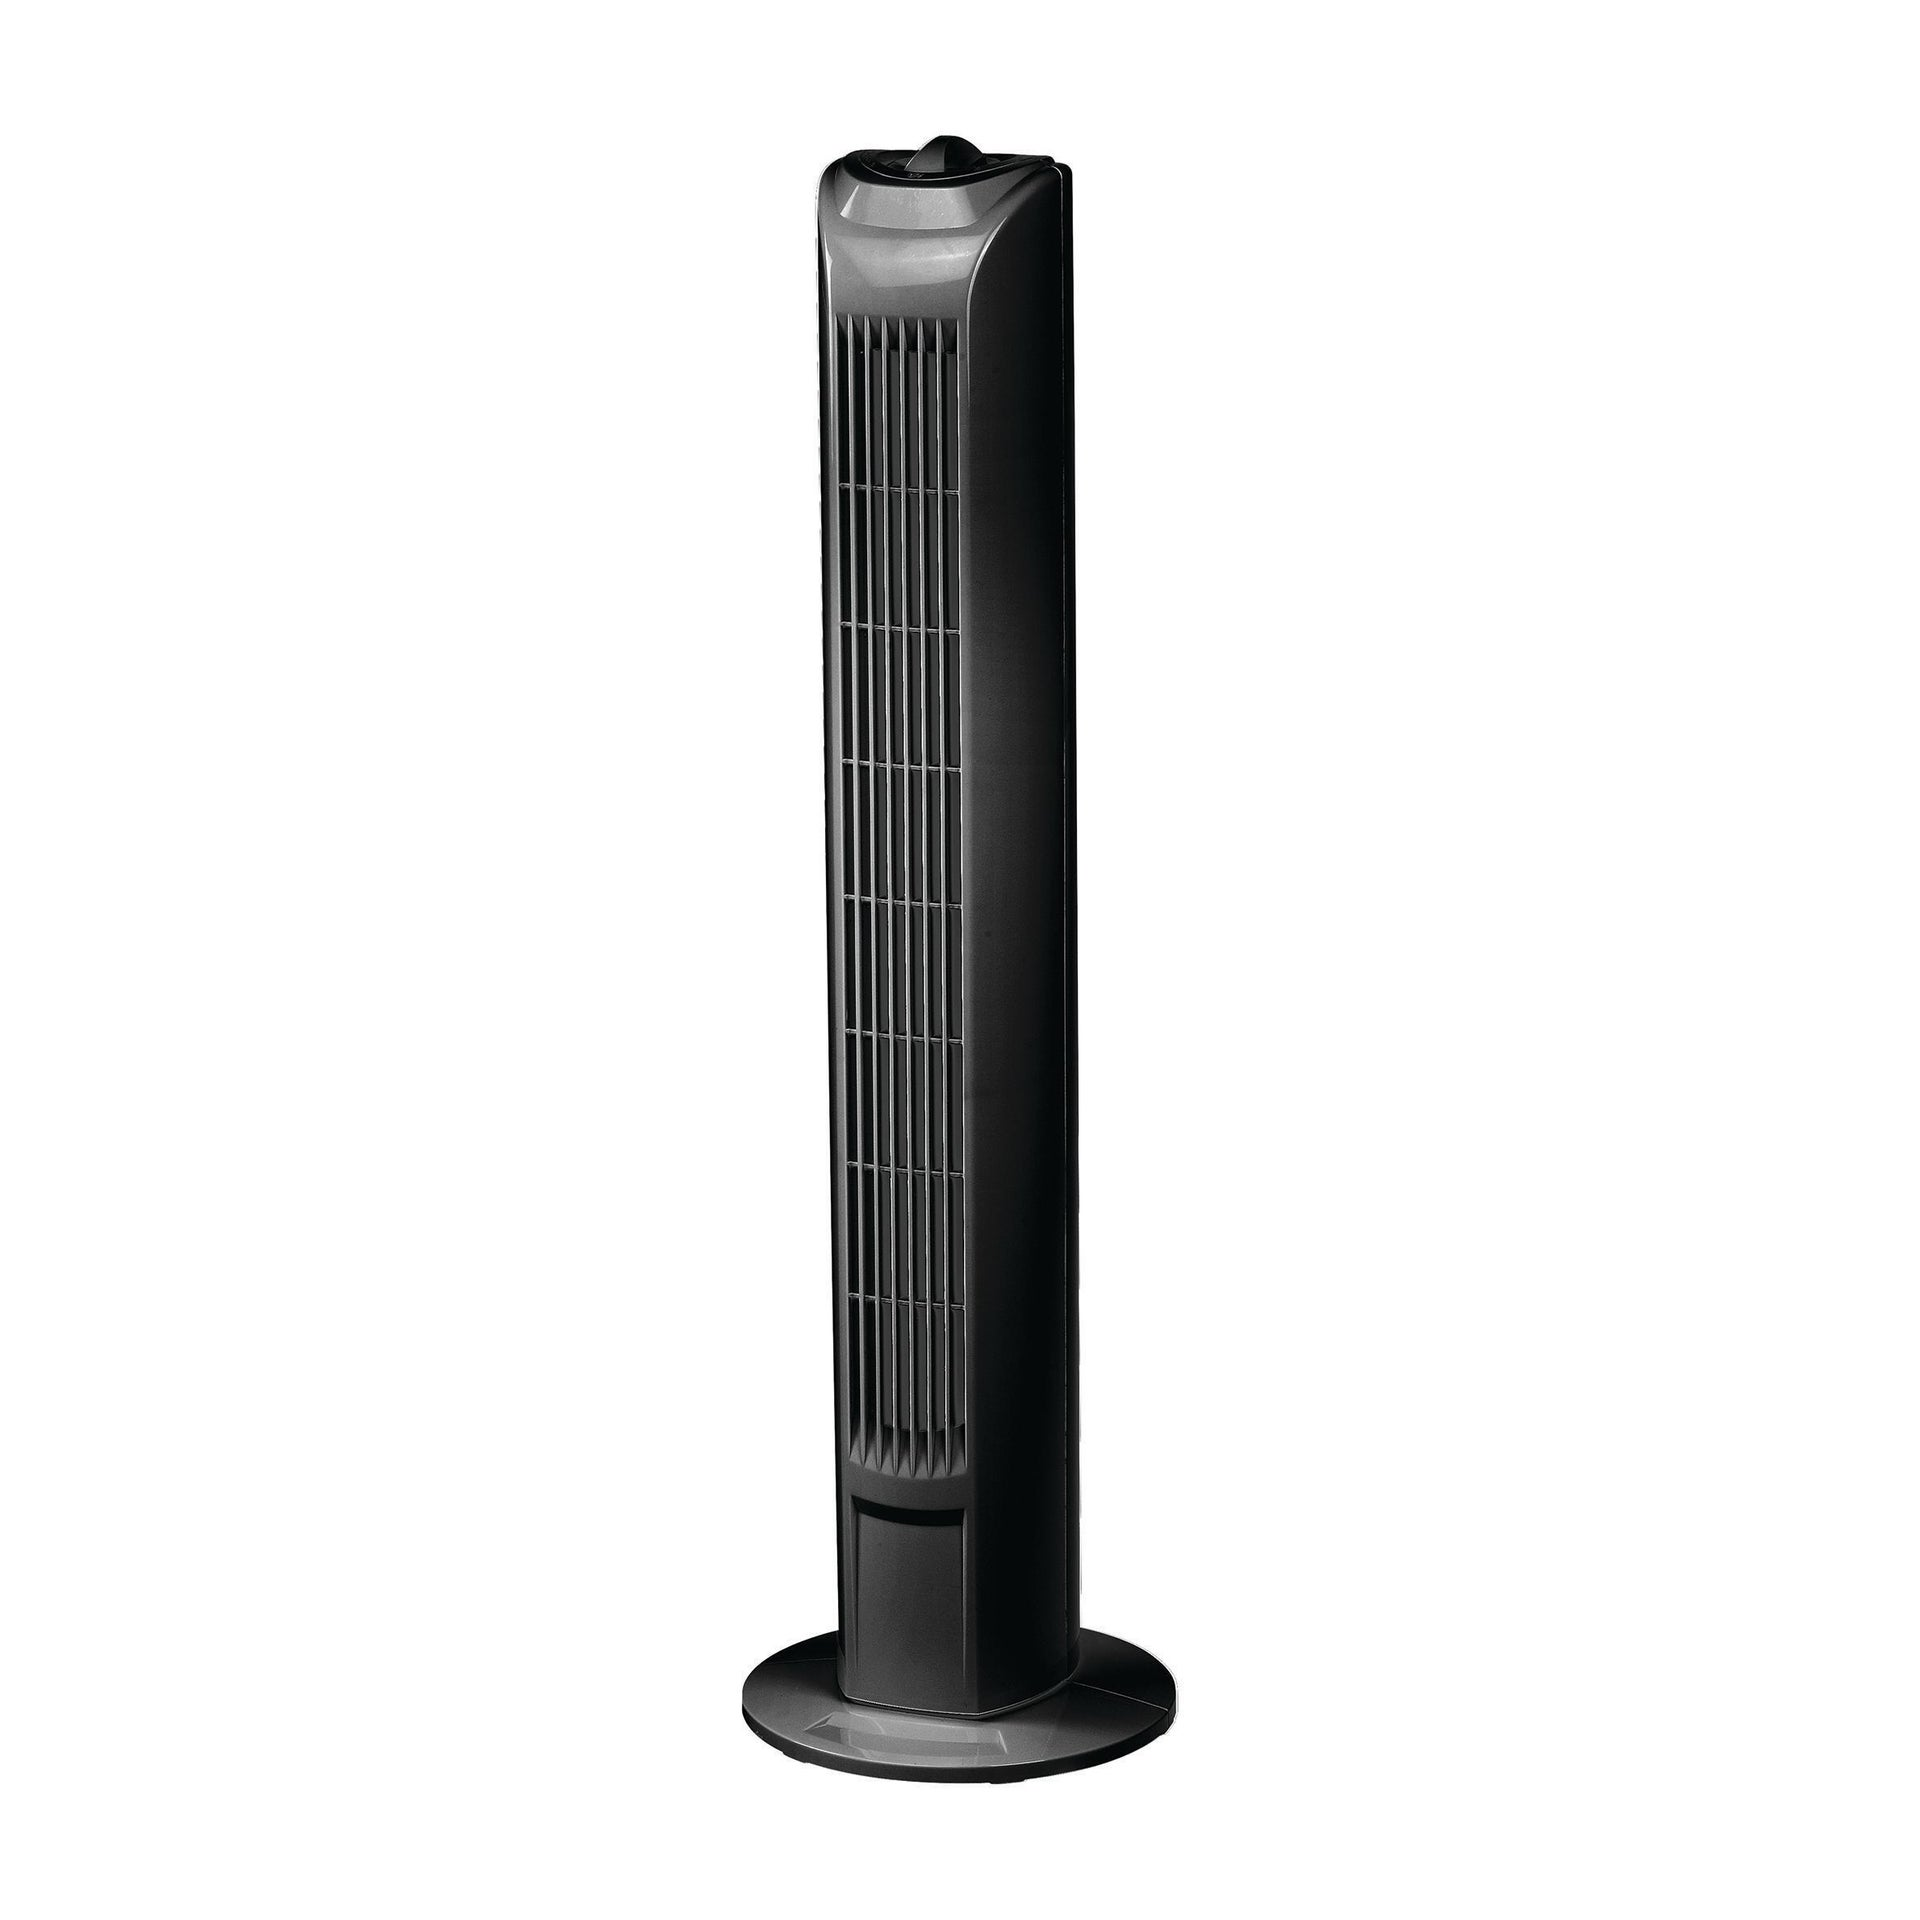 Ventilatore da appoggio EQUATION TX-TF29C nero 45 W Ø 75 cm - 4